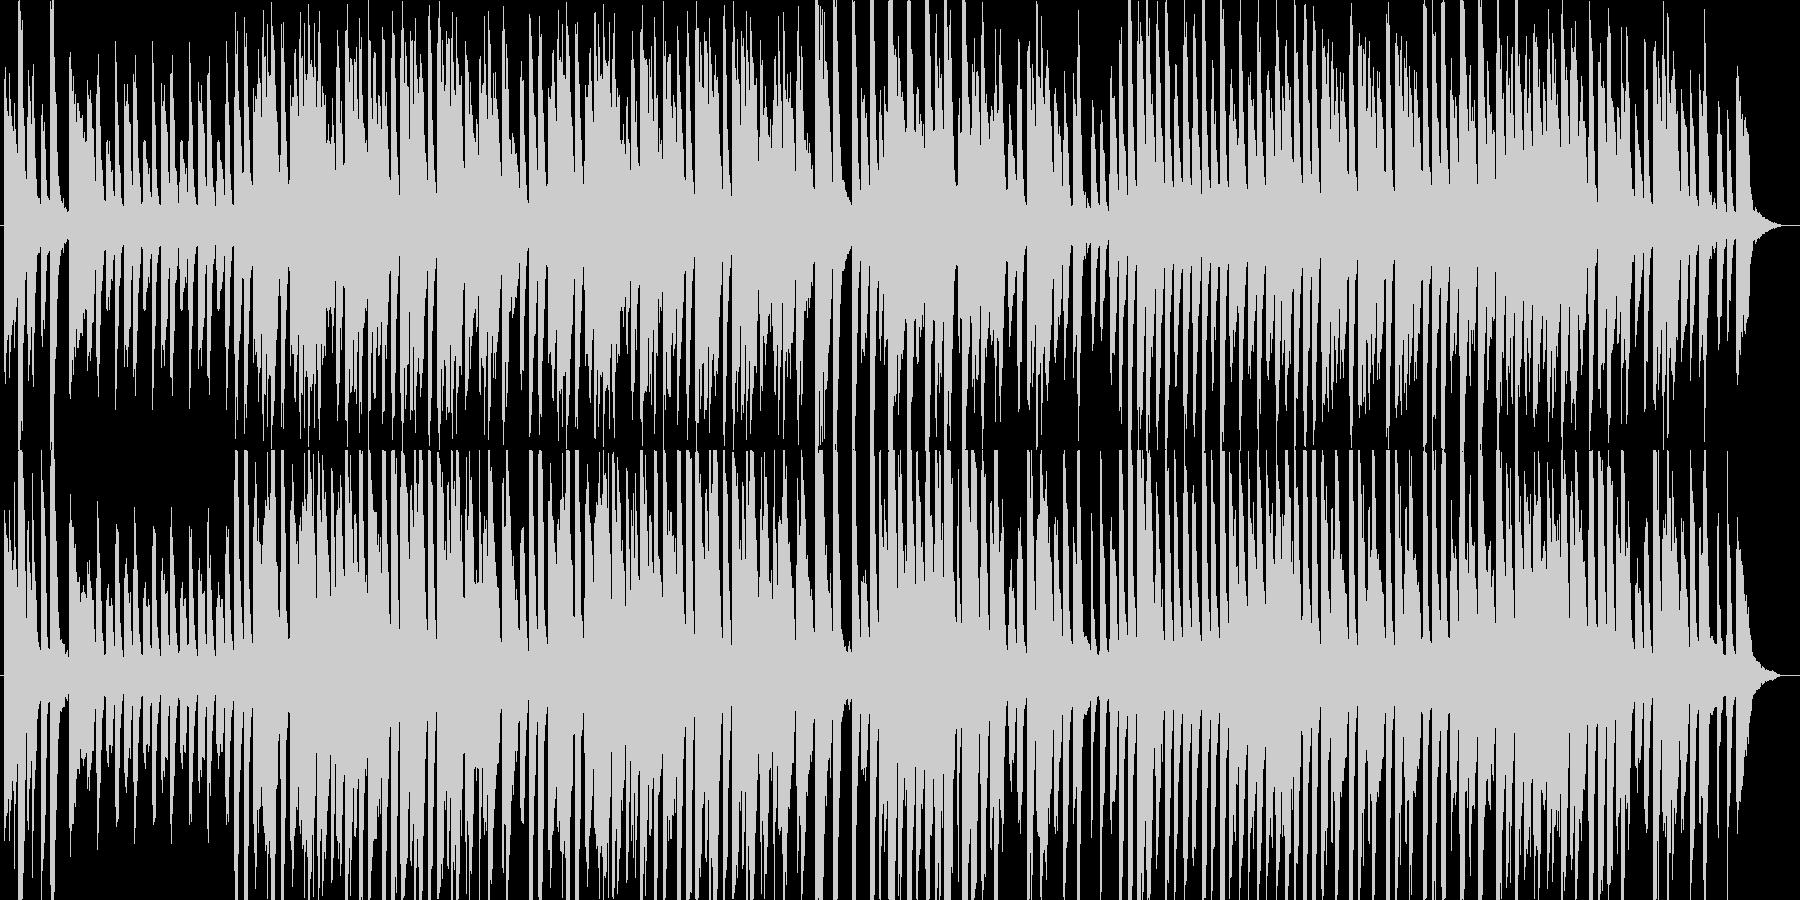 サーカスで流れてそうなコミカルな曲の未再生の波形